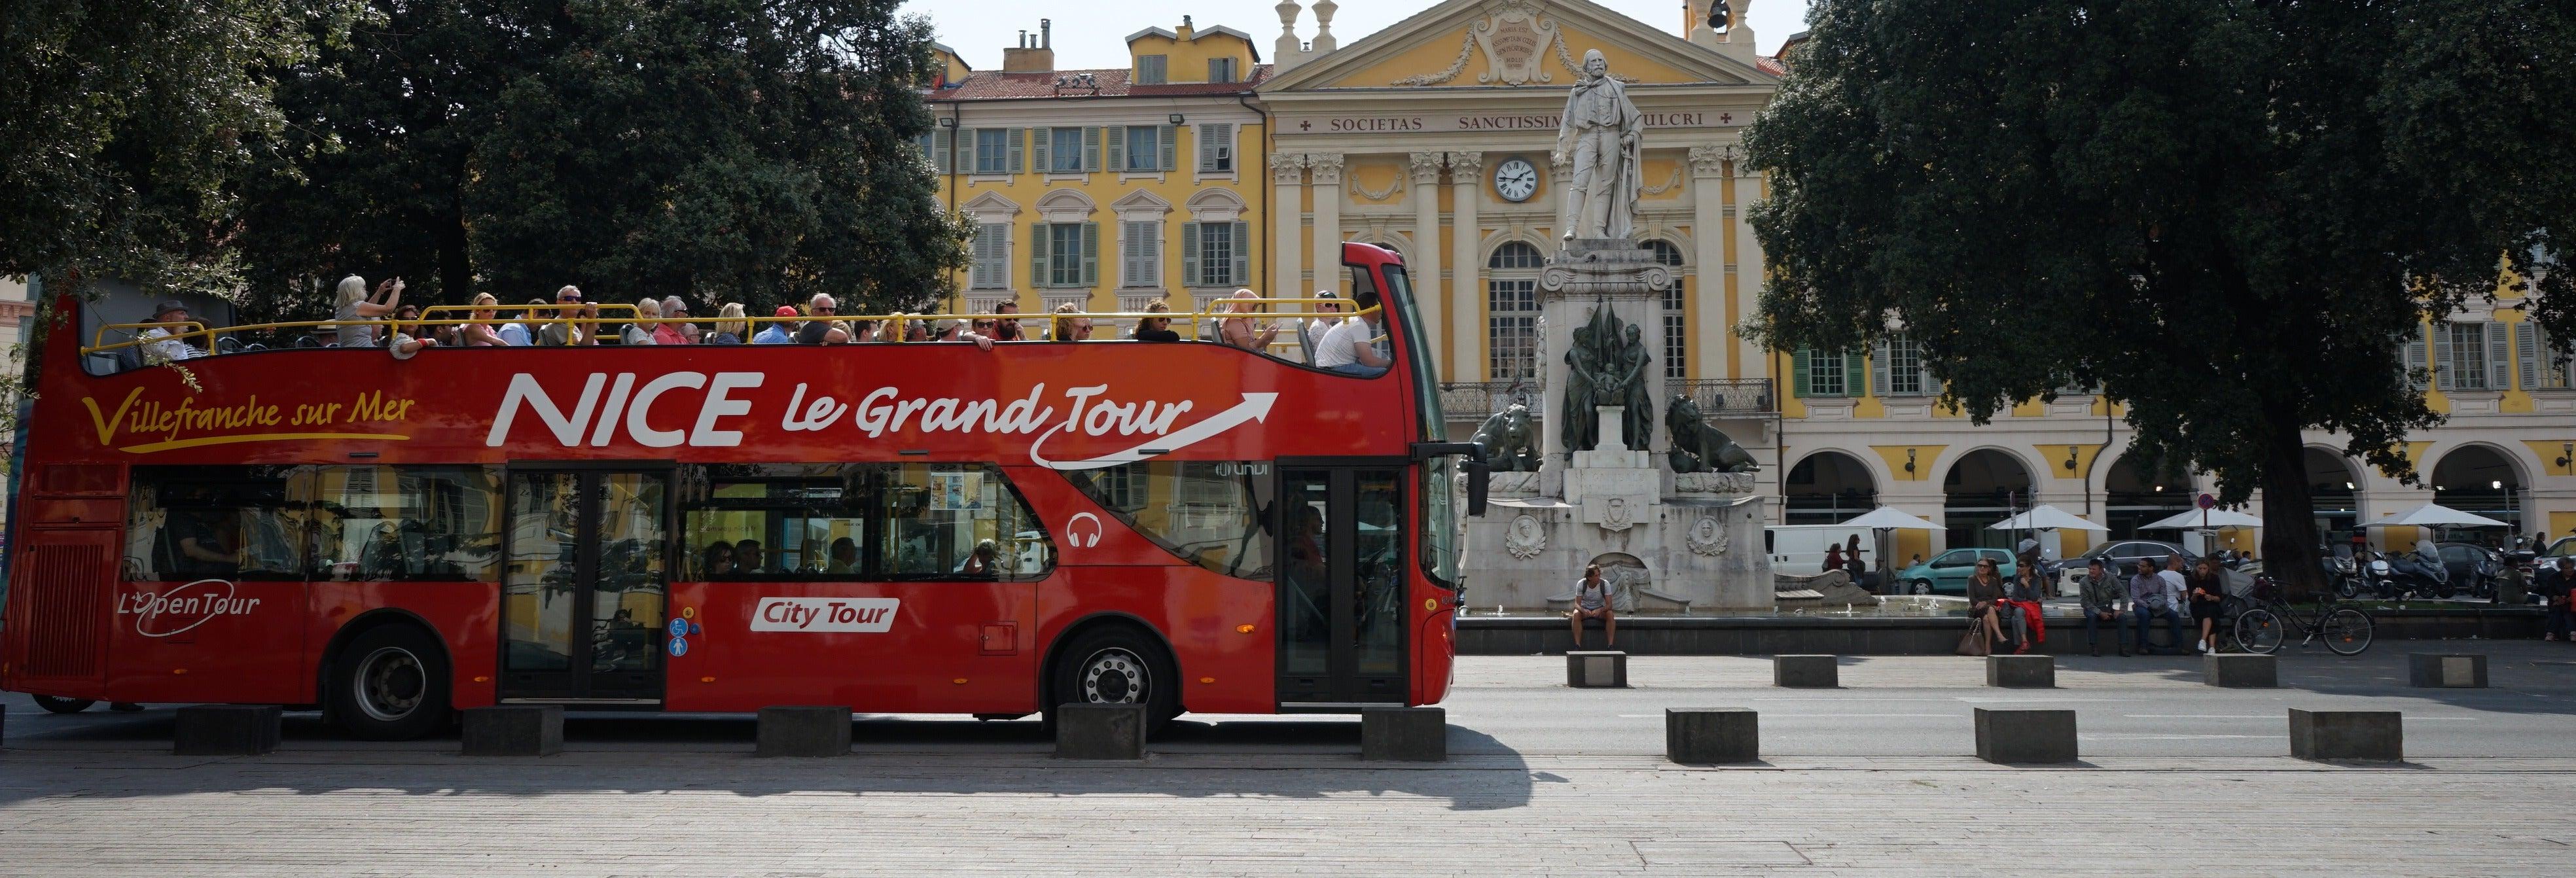 Autobús turístico de Niza